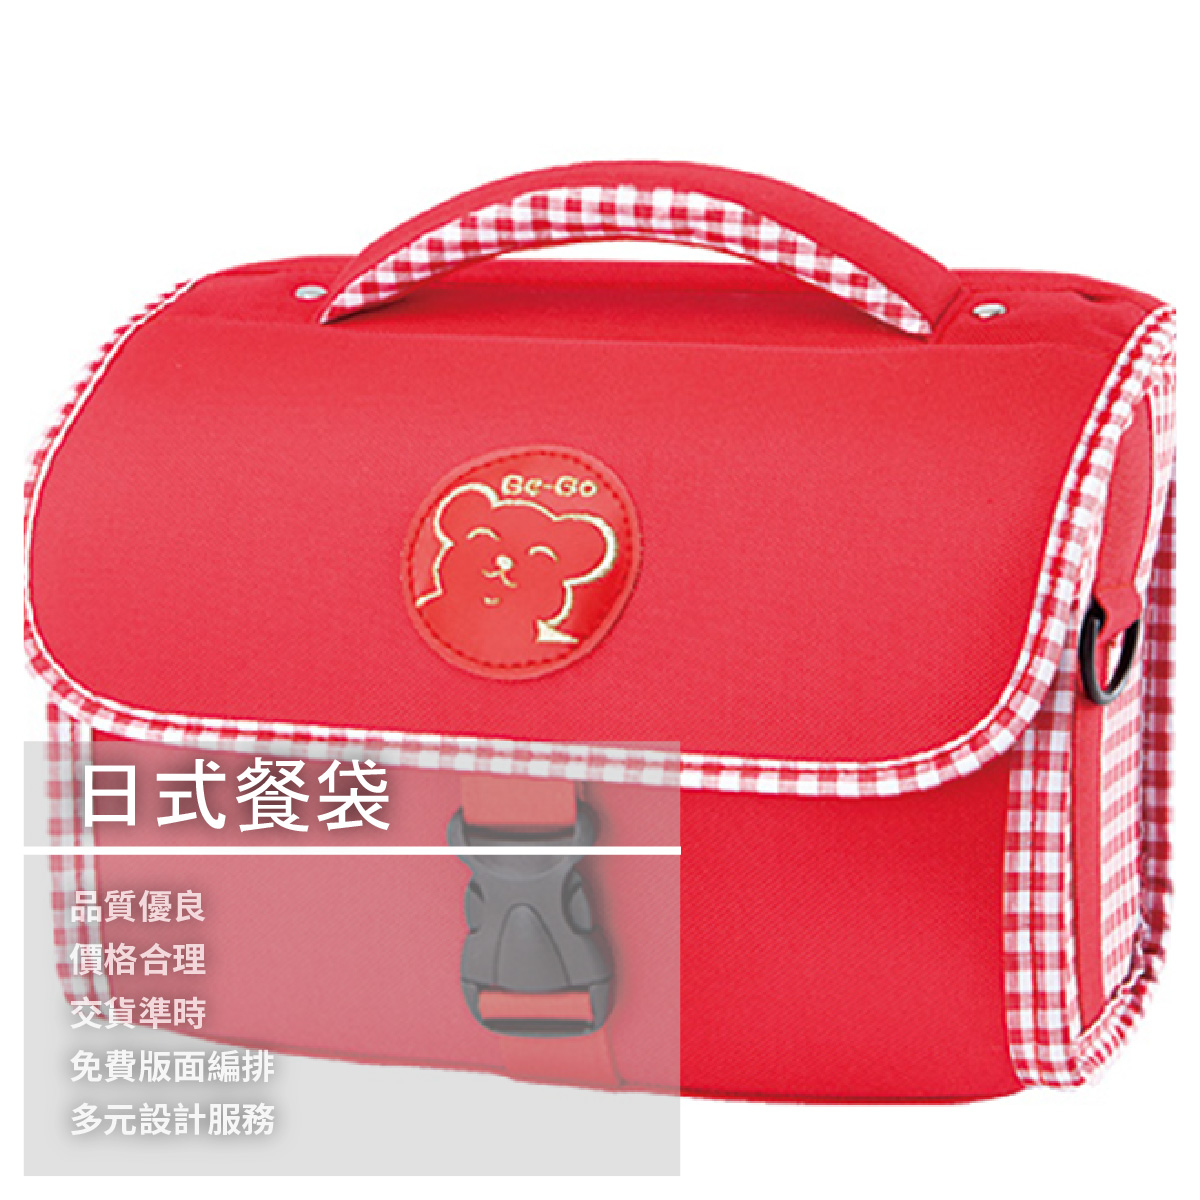 【長恒製袋】日式餐袋/兩款顏色